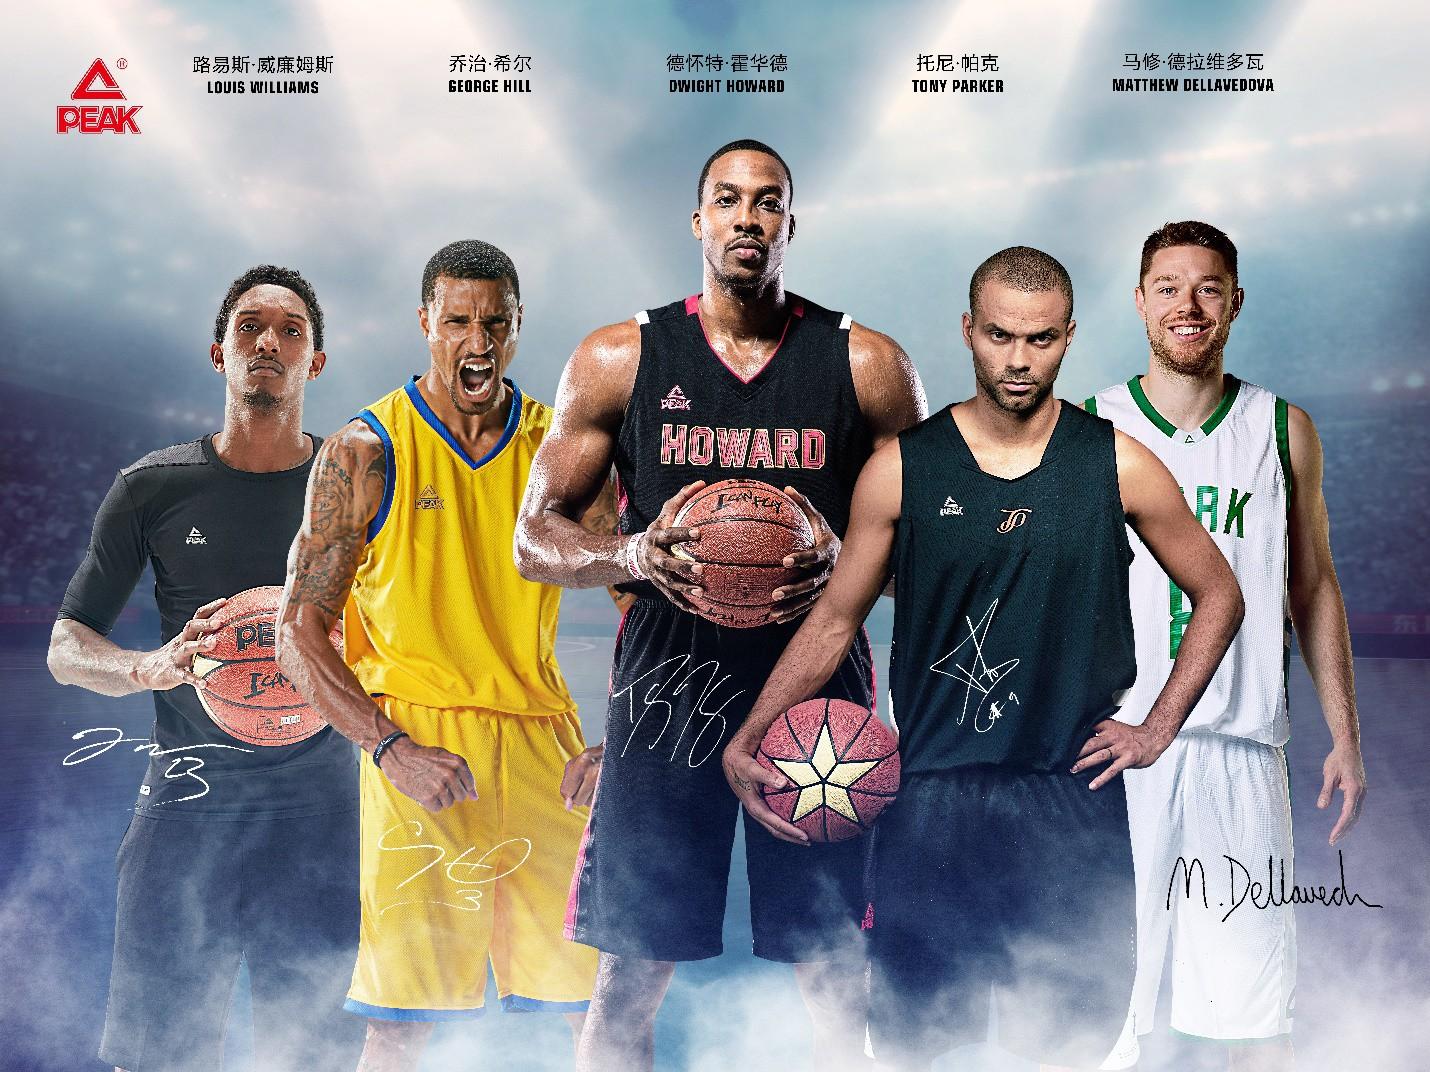 PEAK Sport – Từ bóng rổ đến đam mê cho giày chạy bộ - Ảnh 8.